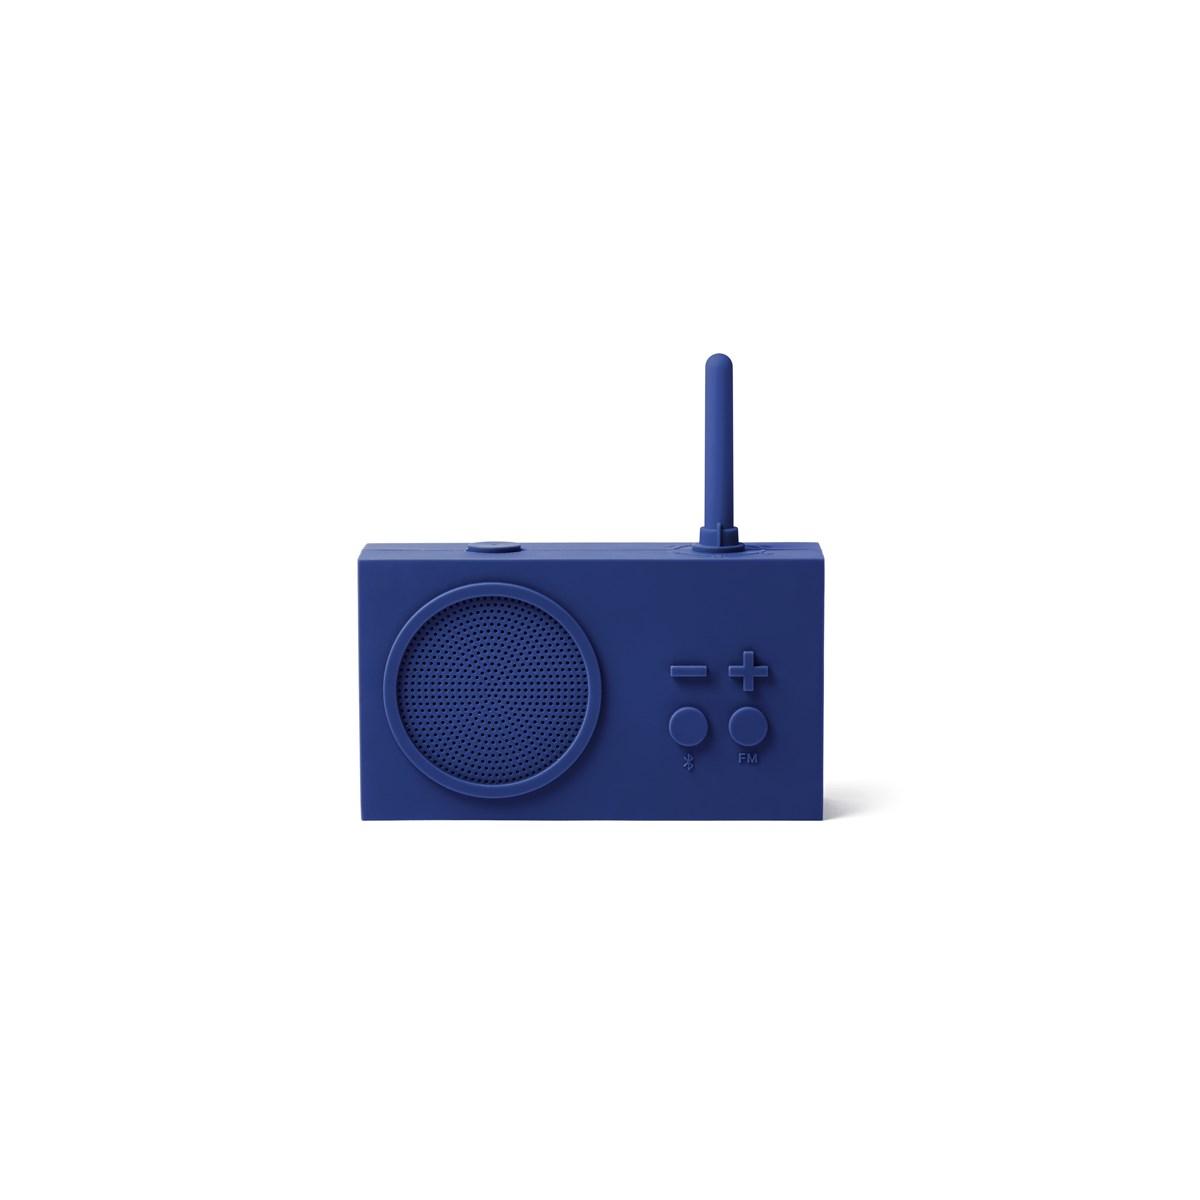 Enceinte Bluetooth et Radio en Gomme Bleu nuit